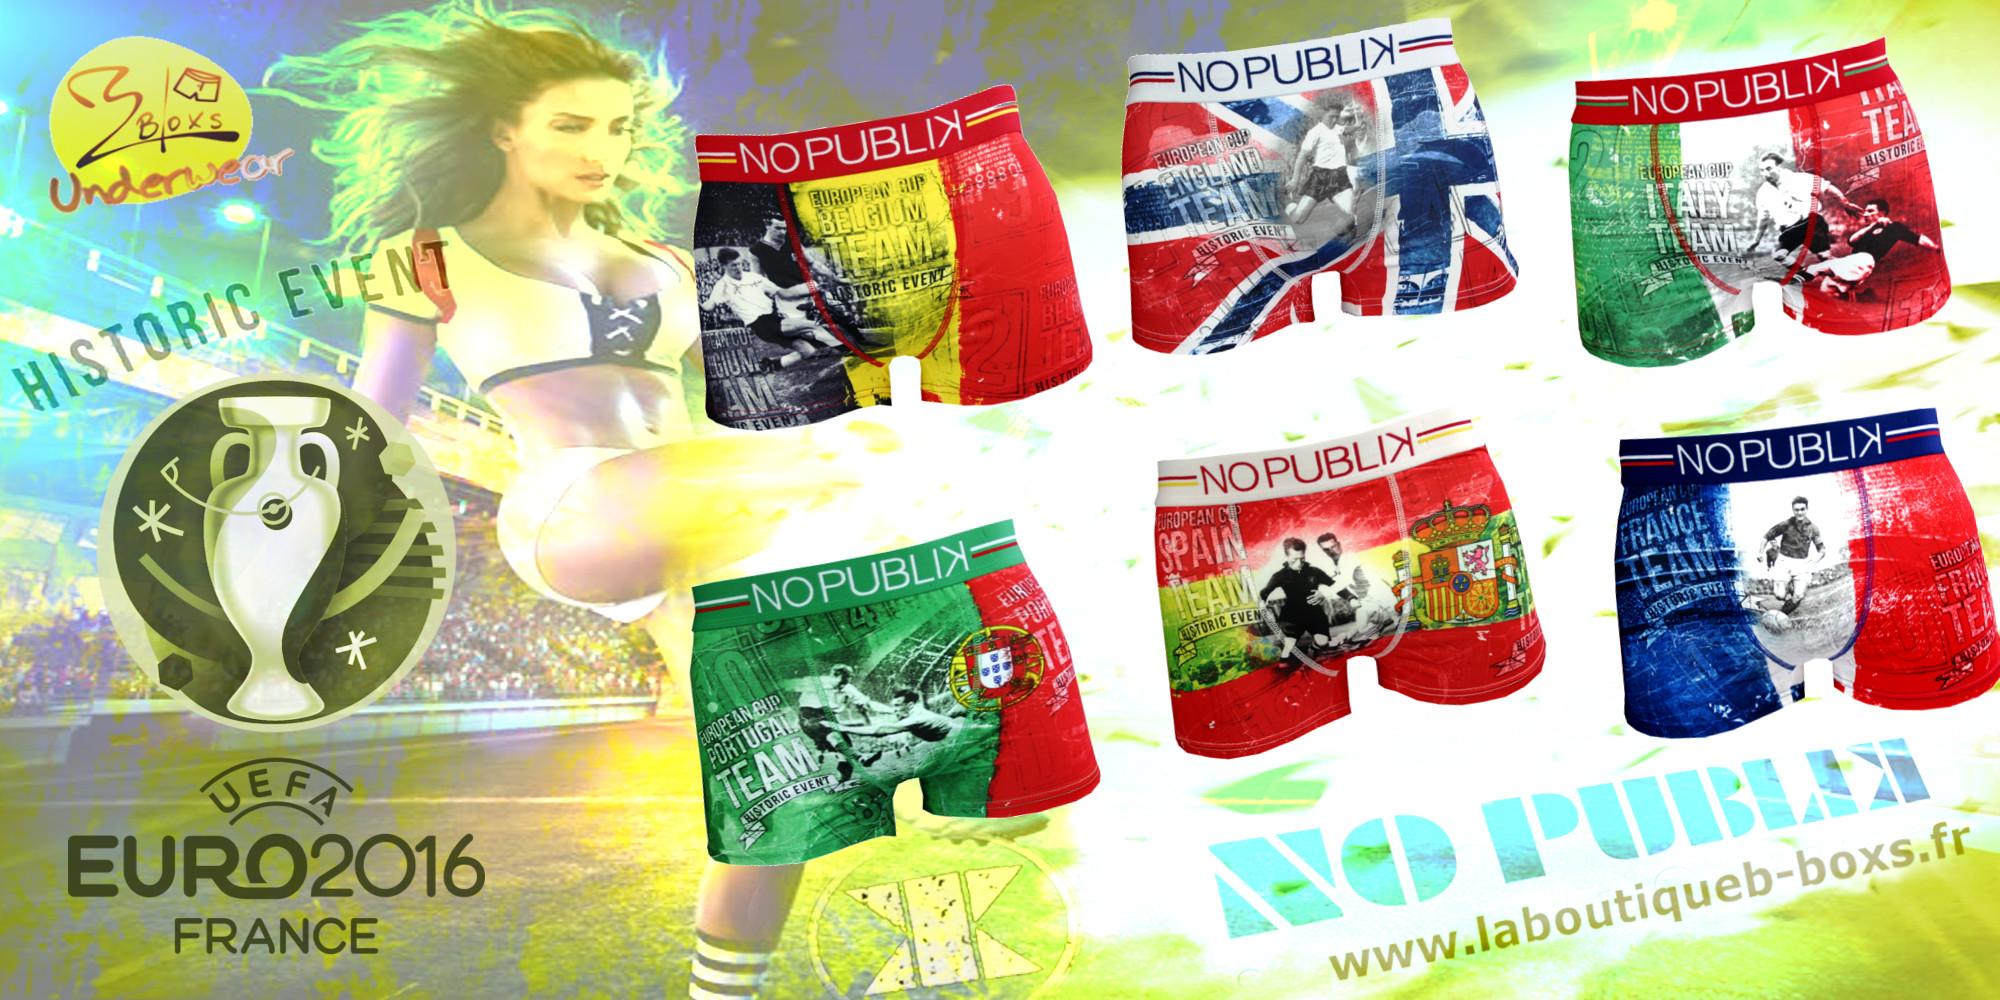 euro b-boxs boxer fantaisie